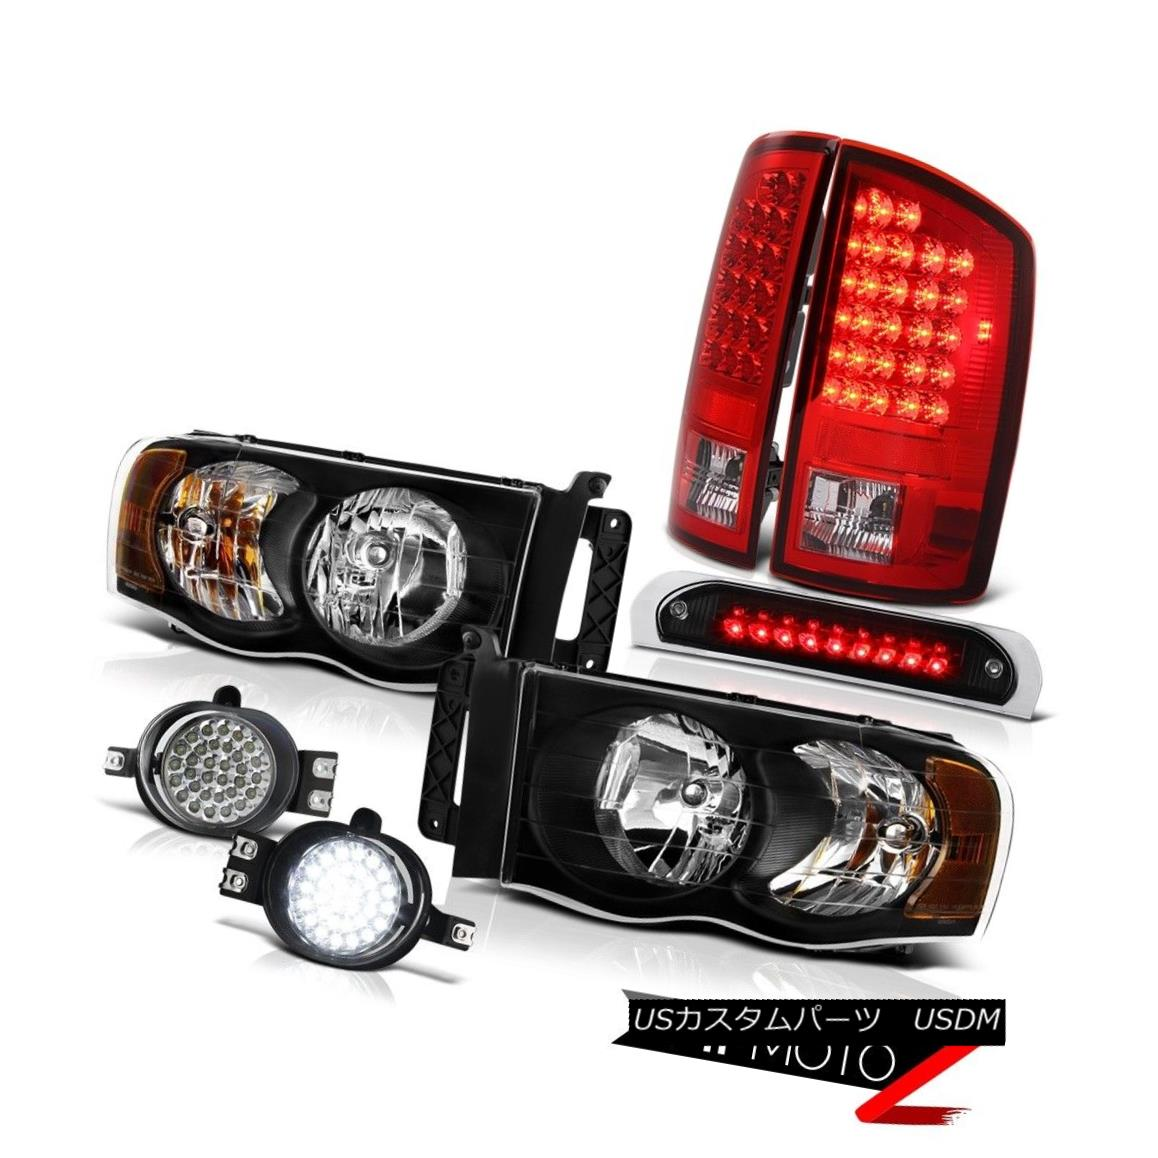 テールライト 02-05 Ram 2500 Black Headlight L.E.D Taillamps LED Driving Fog Third Brake Cargo 02-05 Ram 2500 BlackヘッドライトL.E.D Taillamps LED駆動フォグ第3ブレーキ貨物